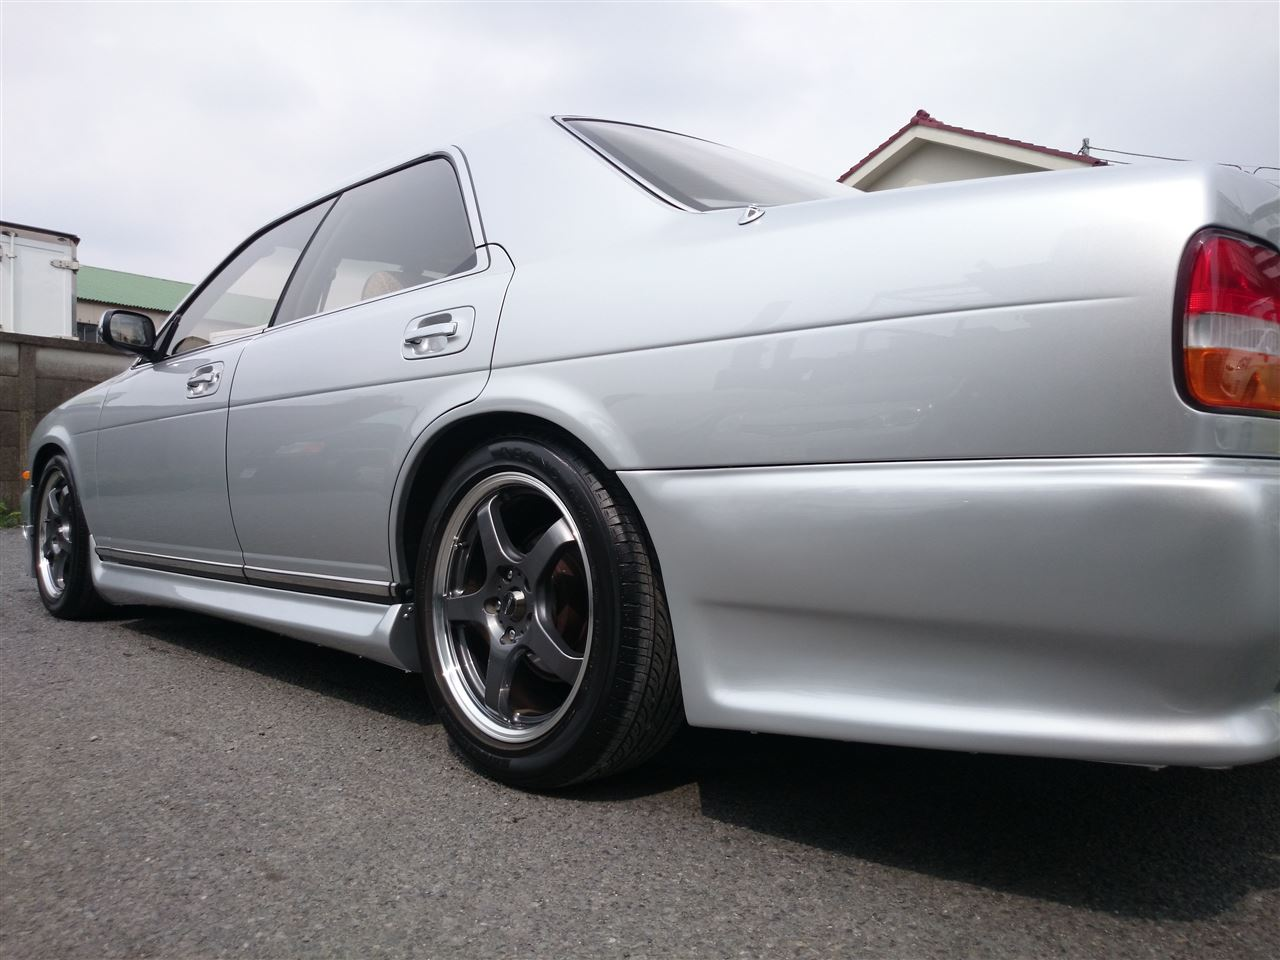 東京都立川市の車の板金塗装修理工場 ガレージローライドの日産 セドリックのオールペイント オールペン 全塗装 です。